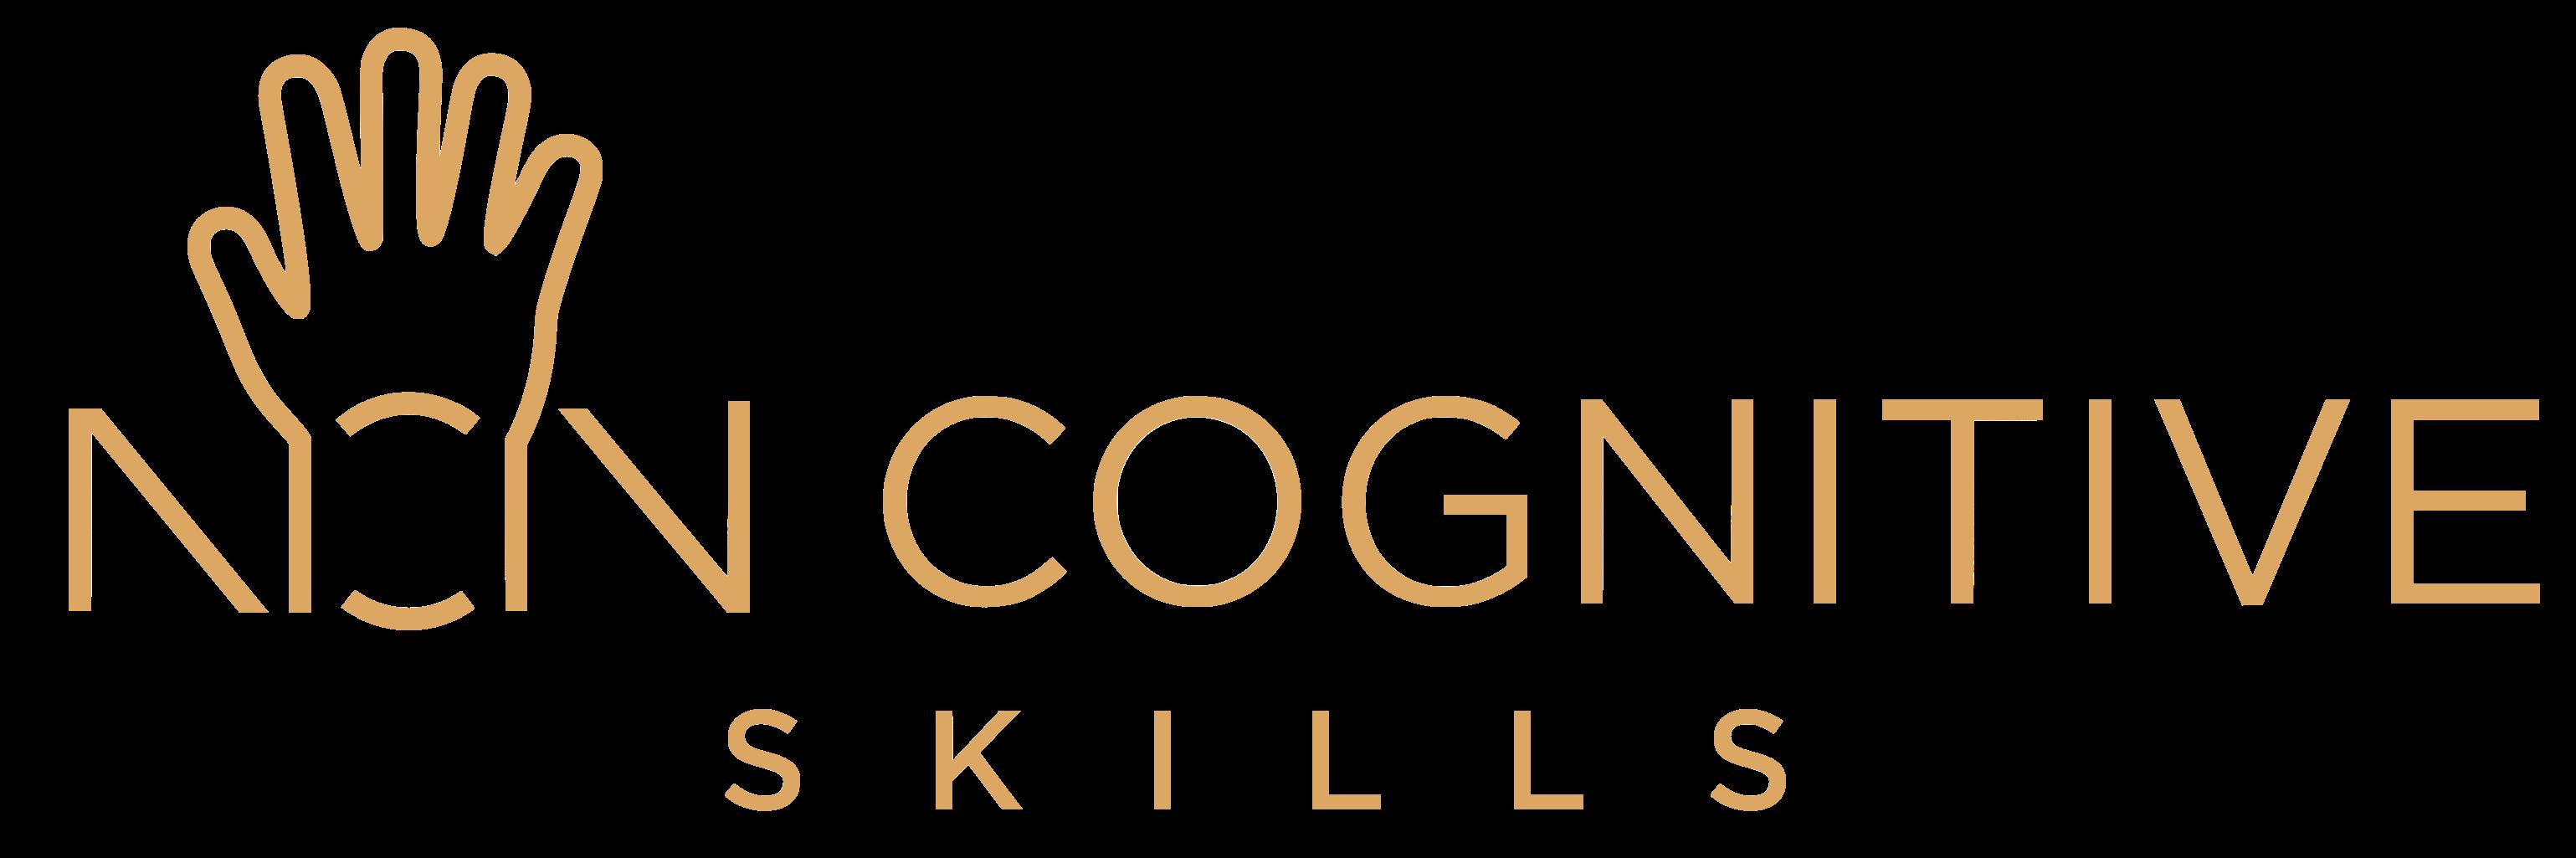 Non-Cognitive Skills